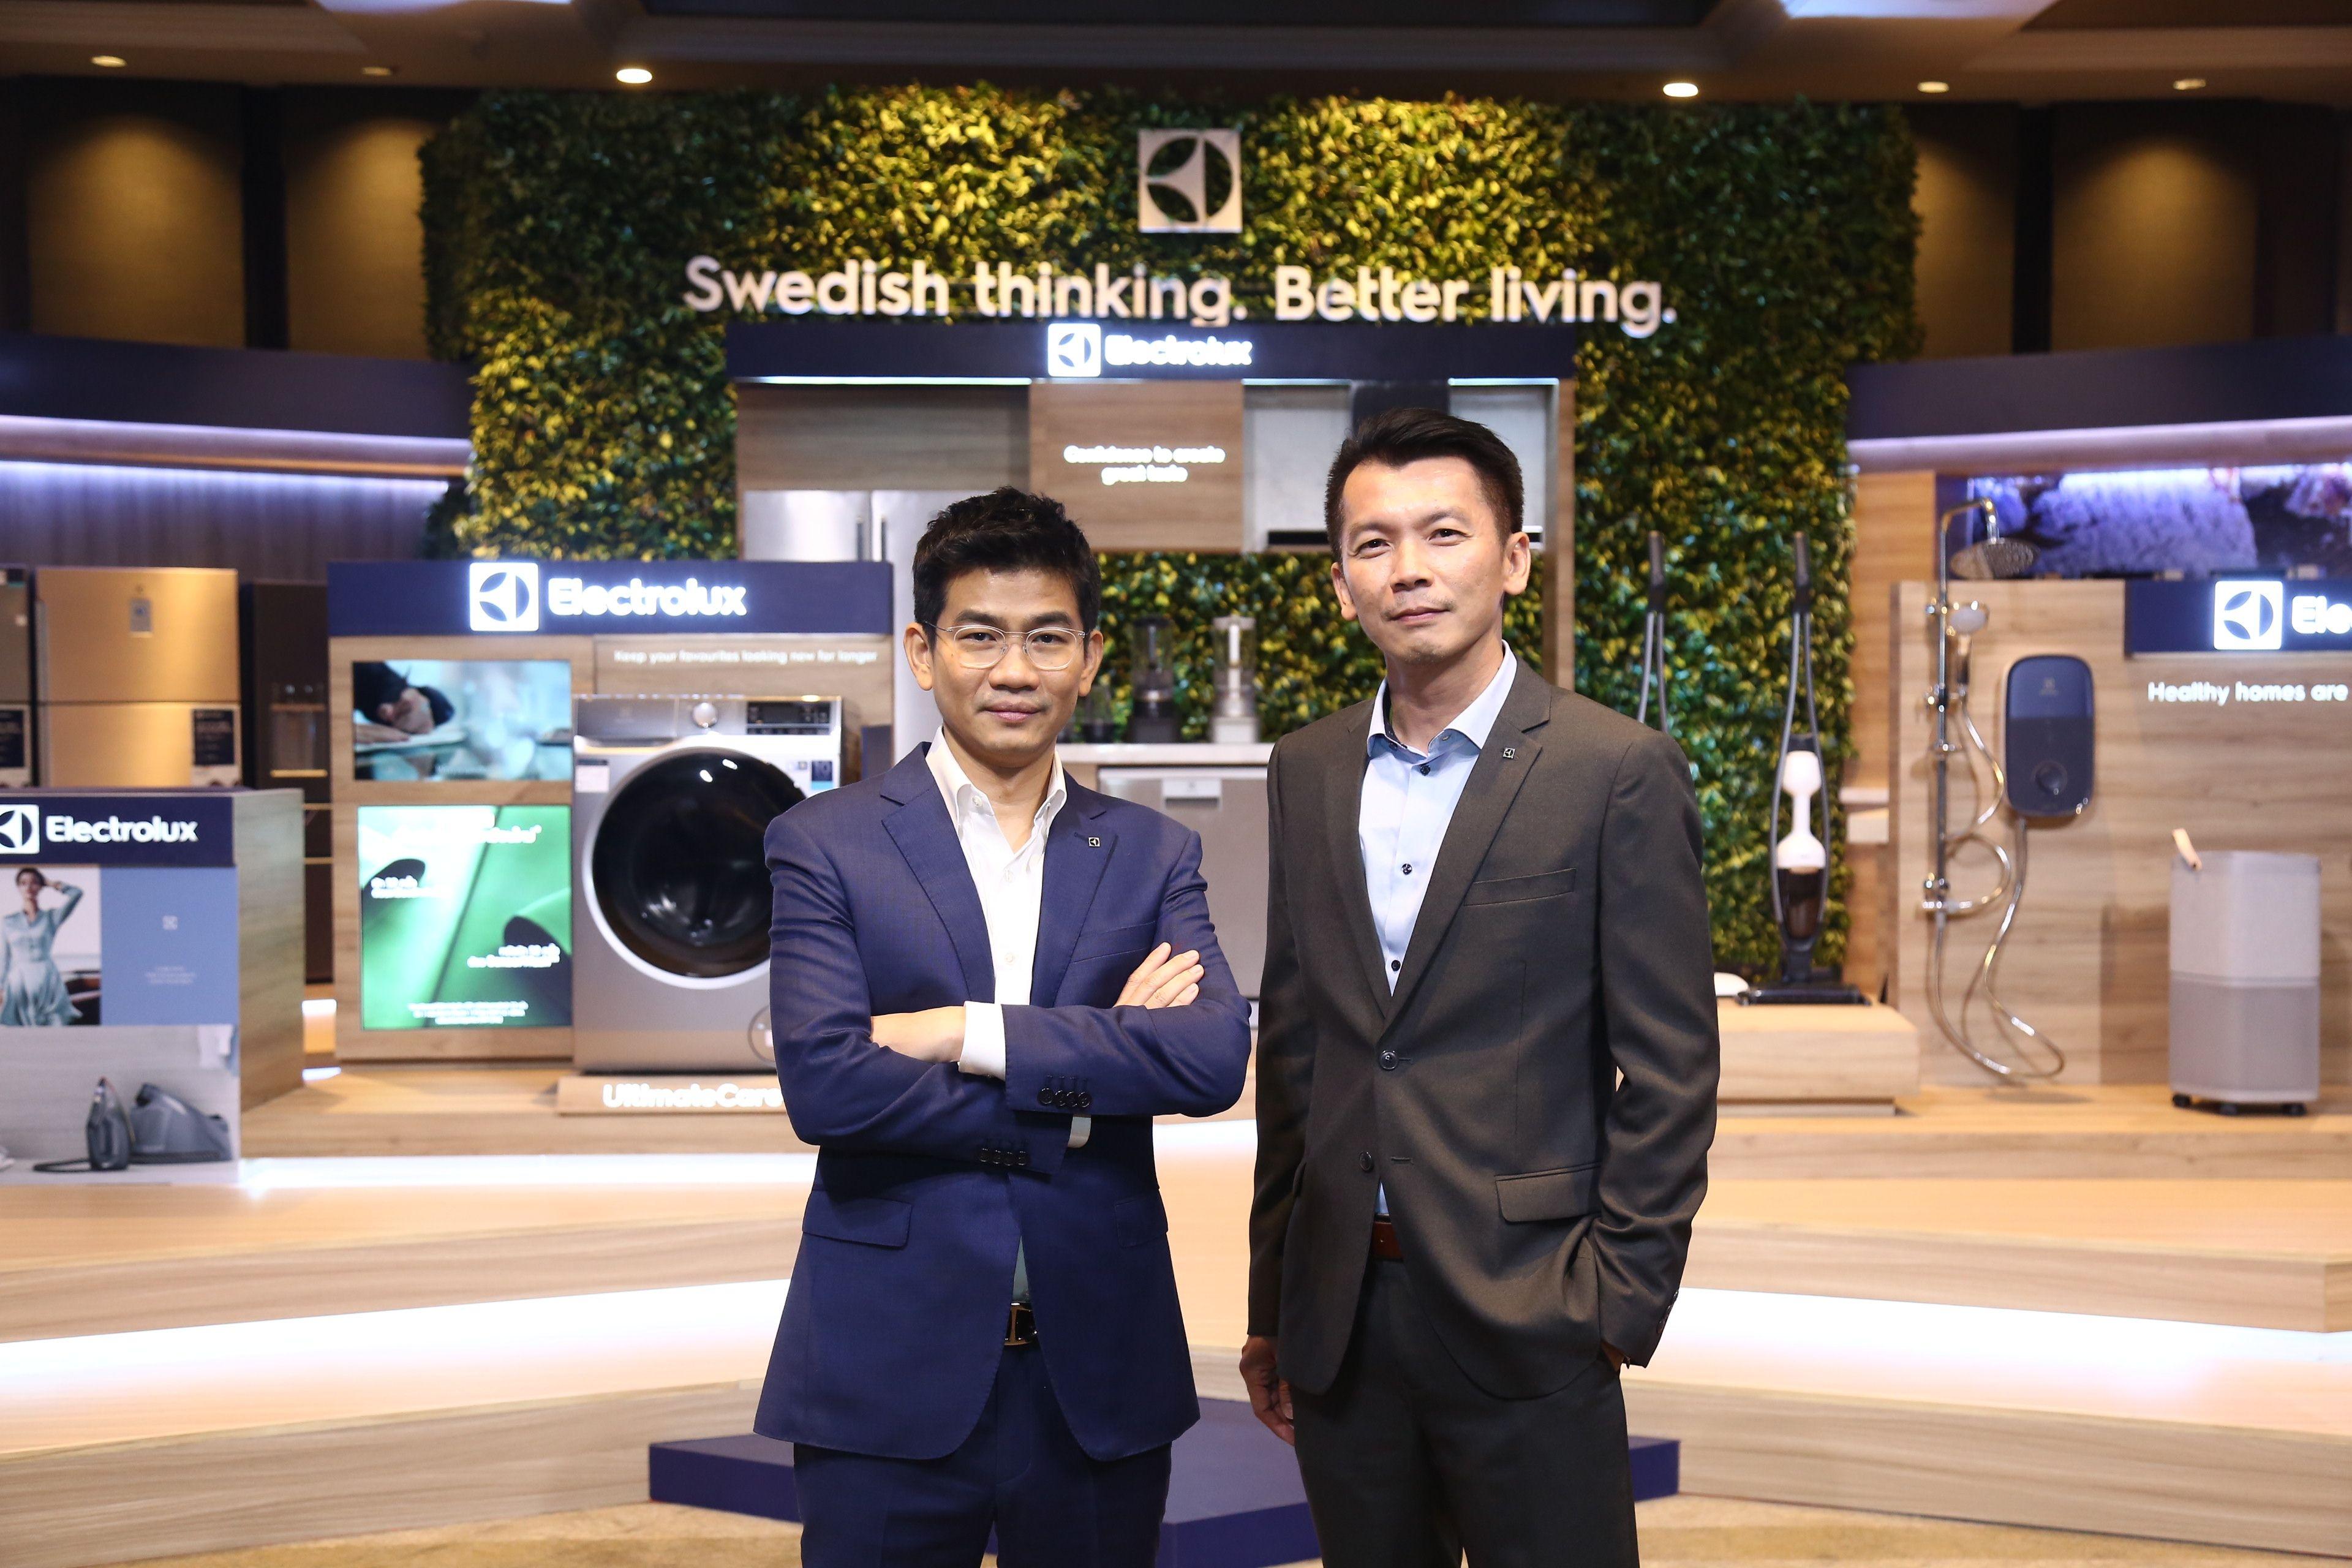 """อีเลคโทรลักซ์"""" ตอกย้ำแนวคิดสวีเดนเพื่อชีวิตที่ดีกว่า Swedish thinking. Better living. สำนักพิมพ์แม่บ้าน"""